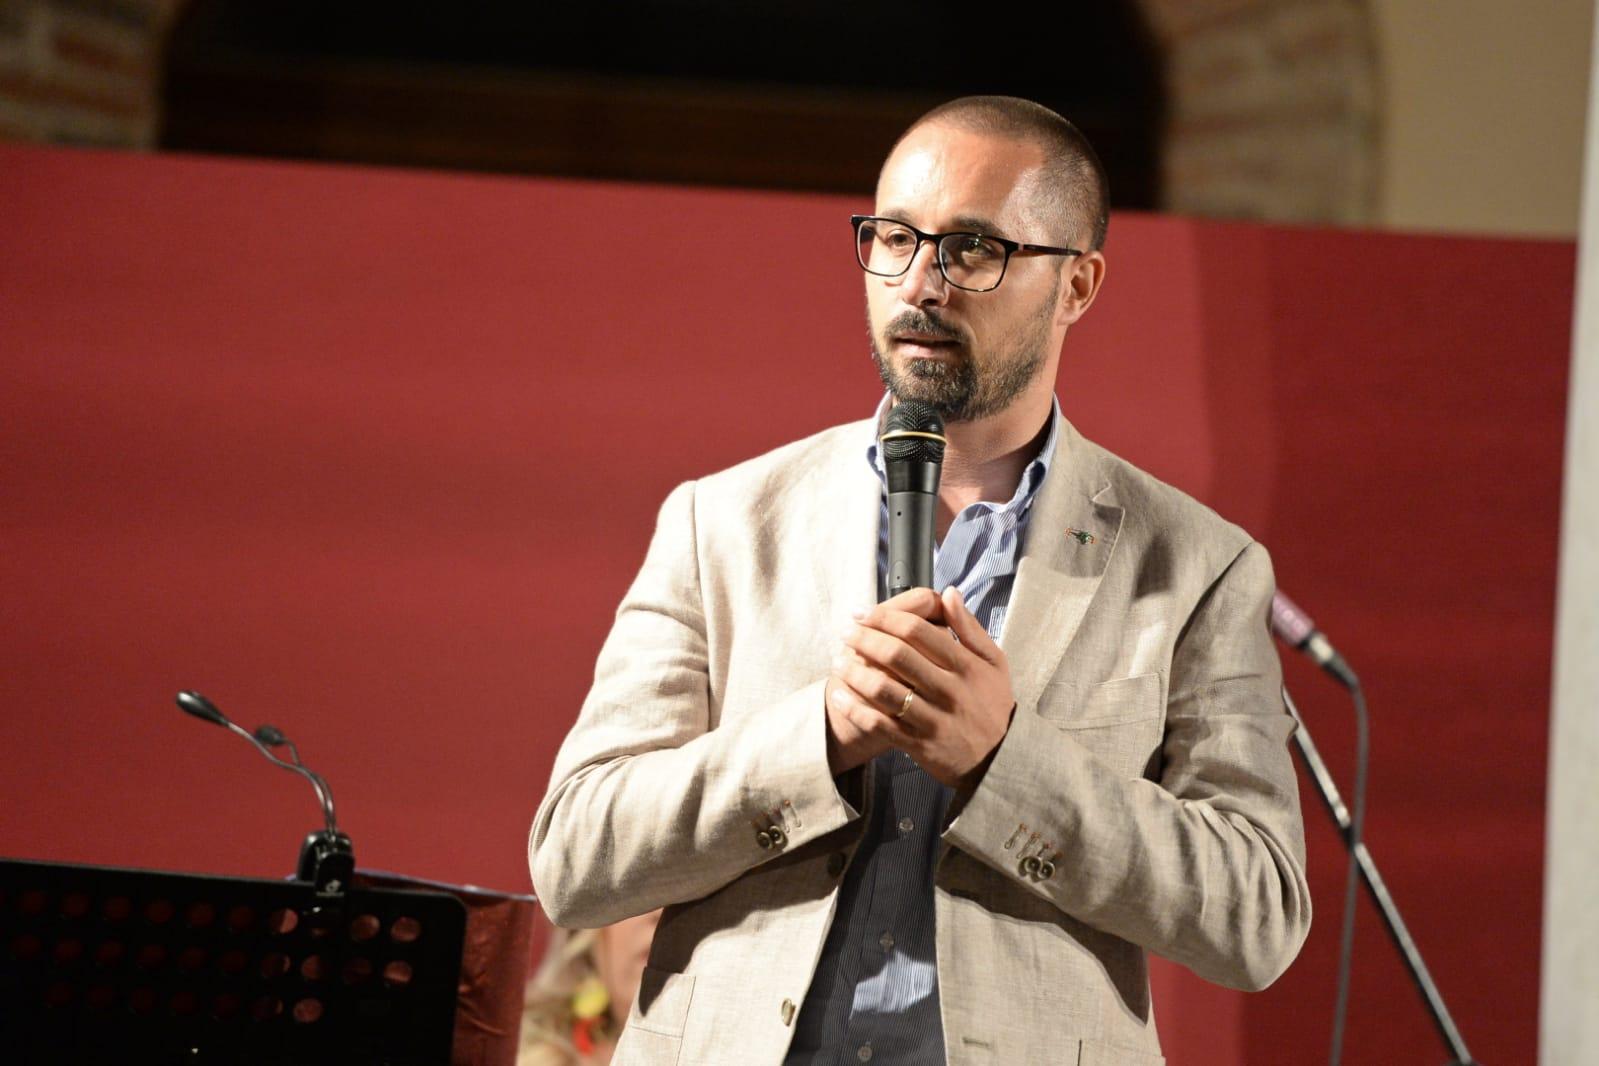 Rifiuti nucleari: il Parco delle Madonie organizza una manifestazione con i vertici regionali